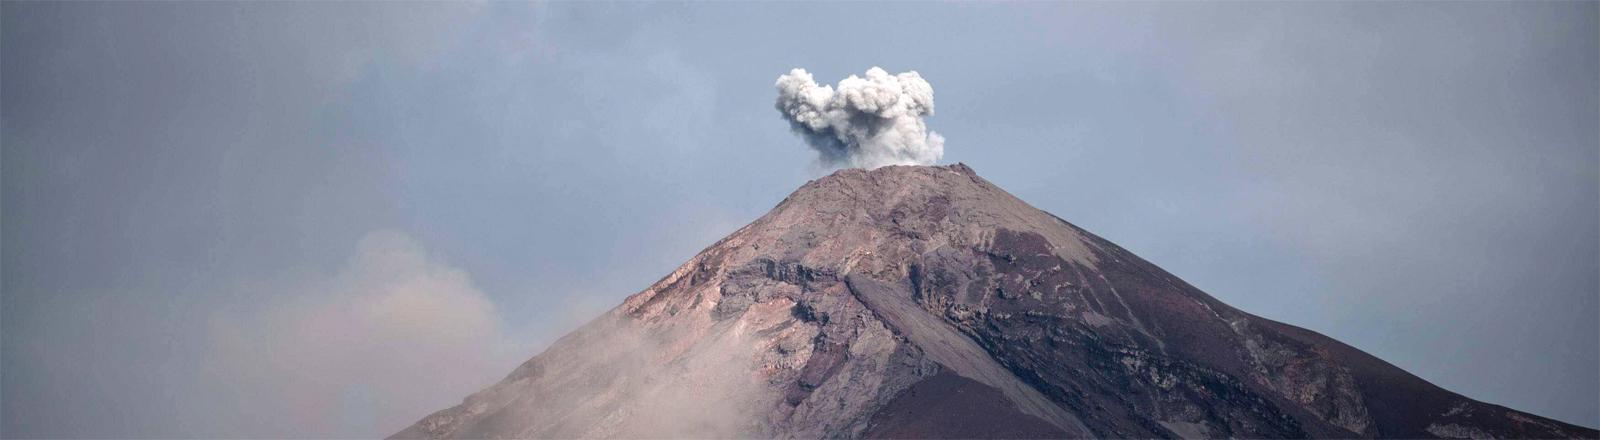 Der Volcán de Fuego am 6. Juni 2018